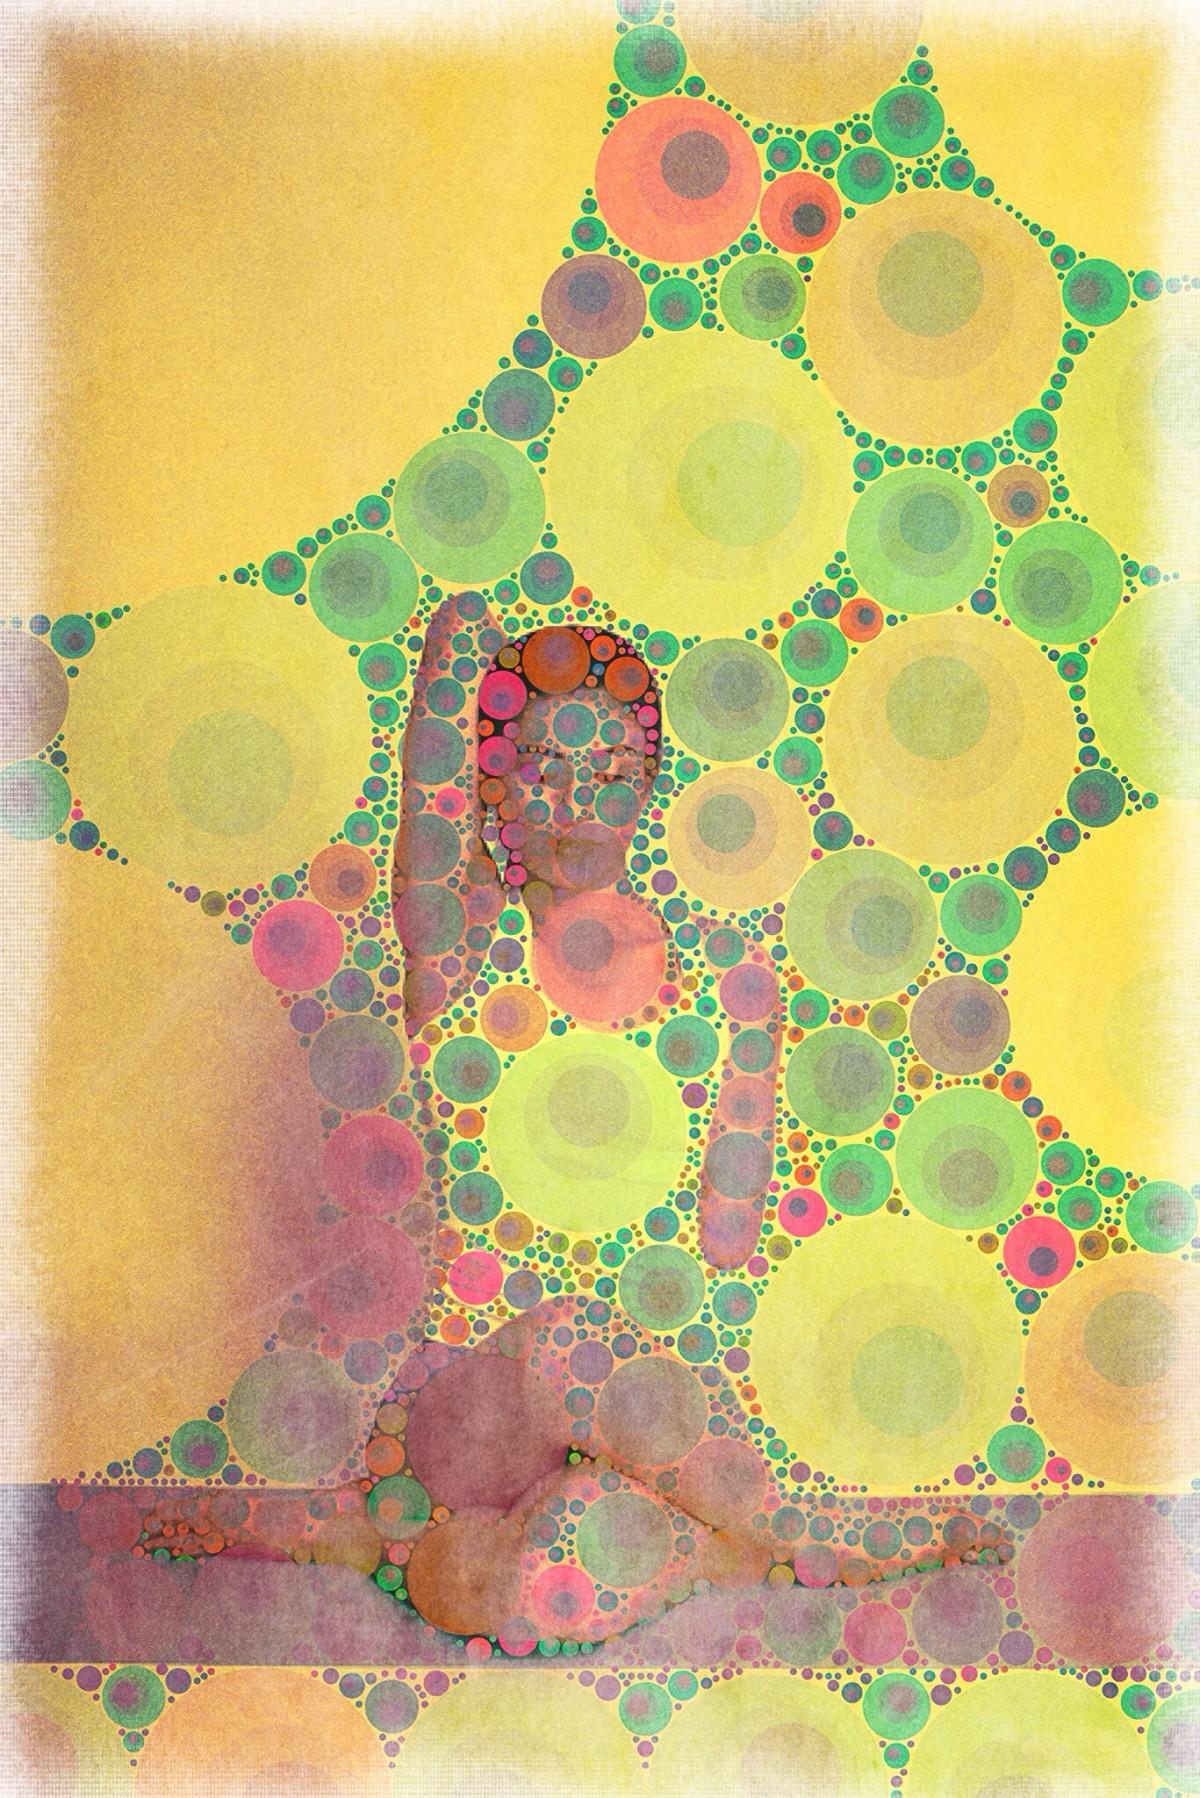 Yoga art 15 by John Dalton